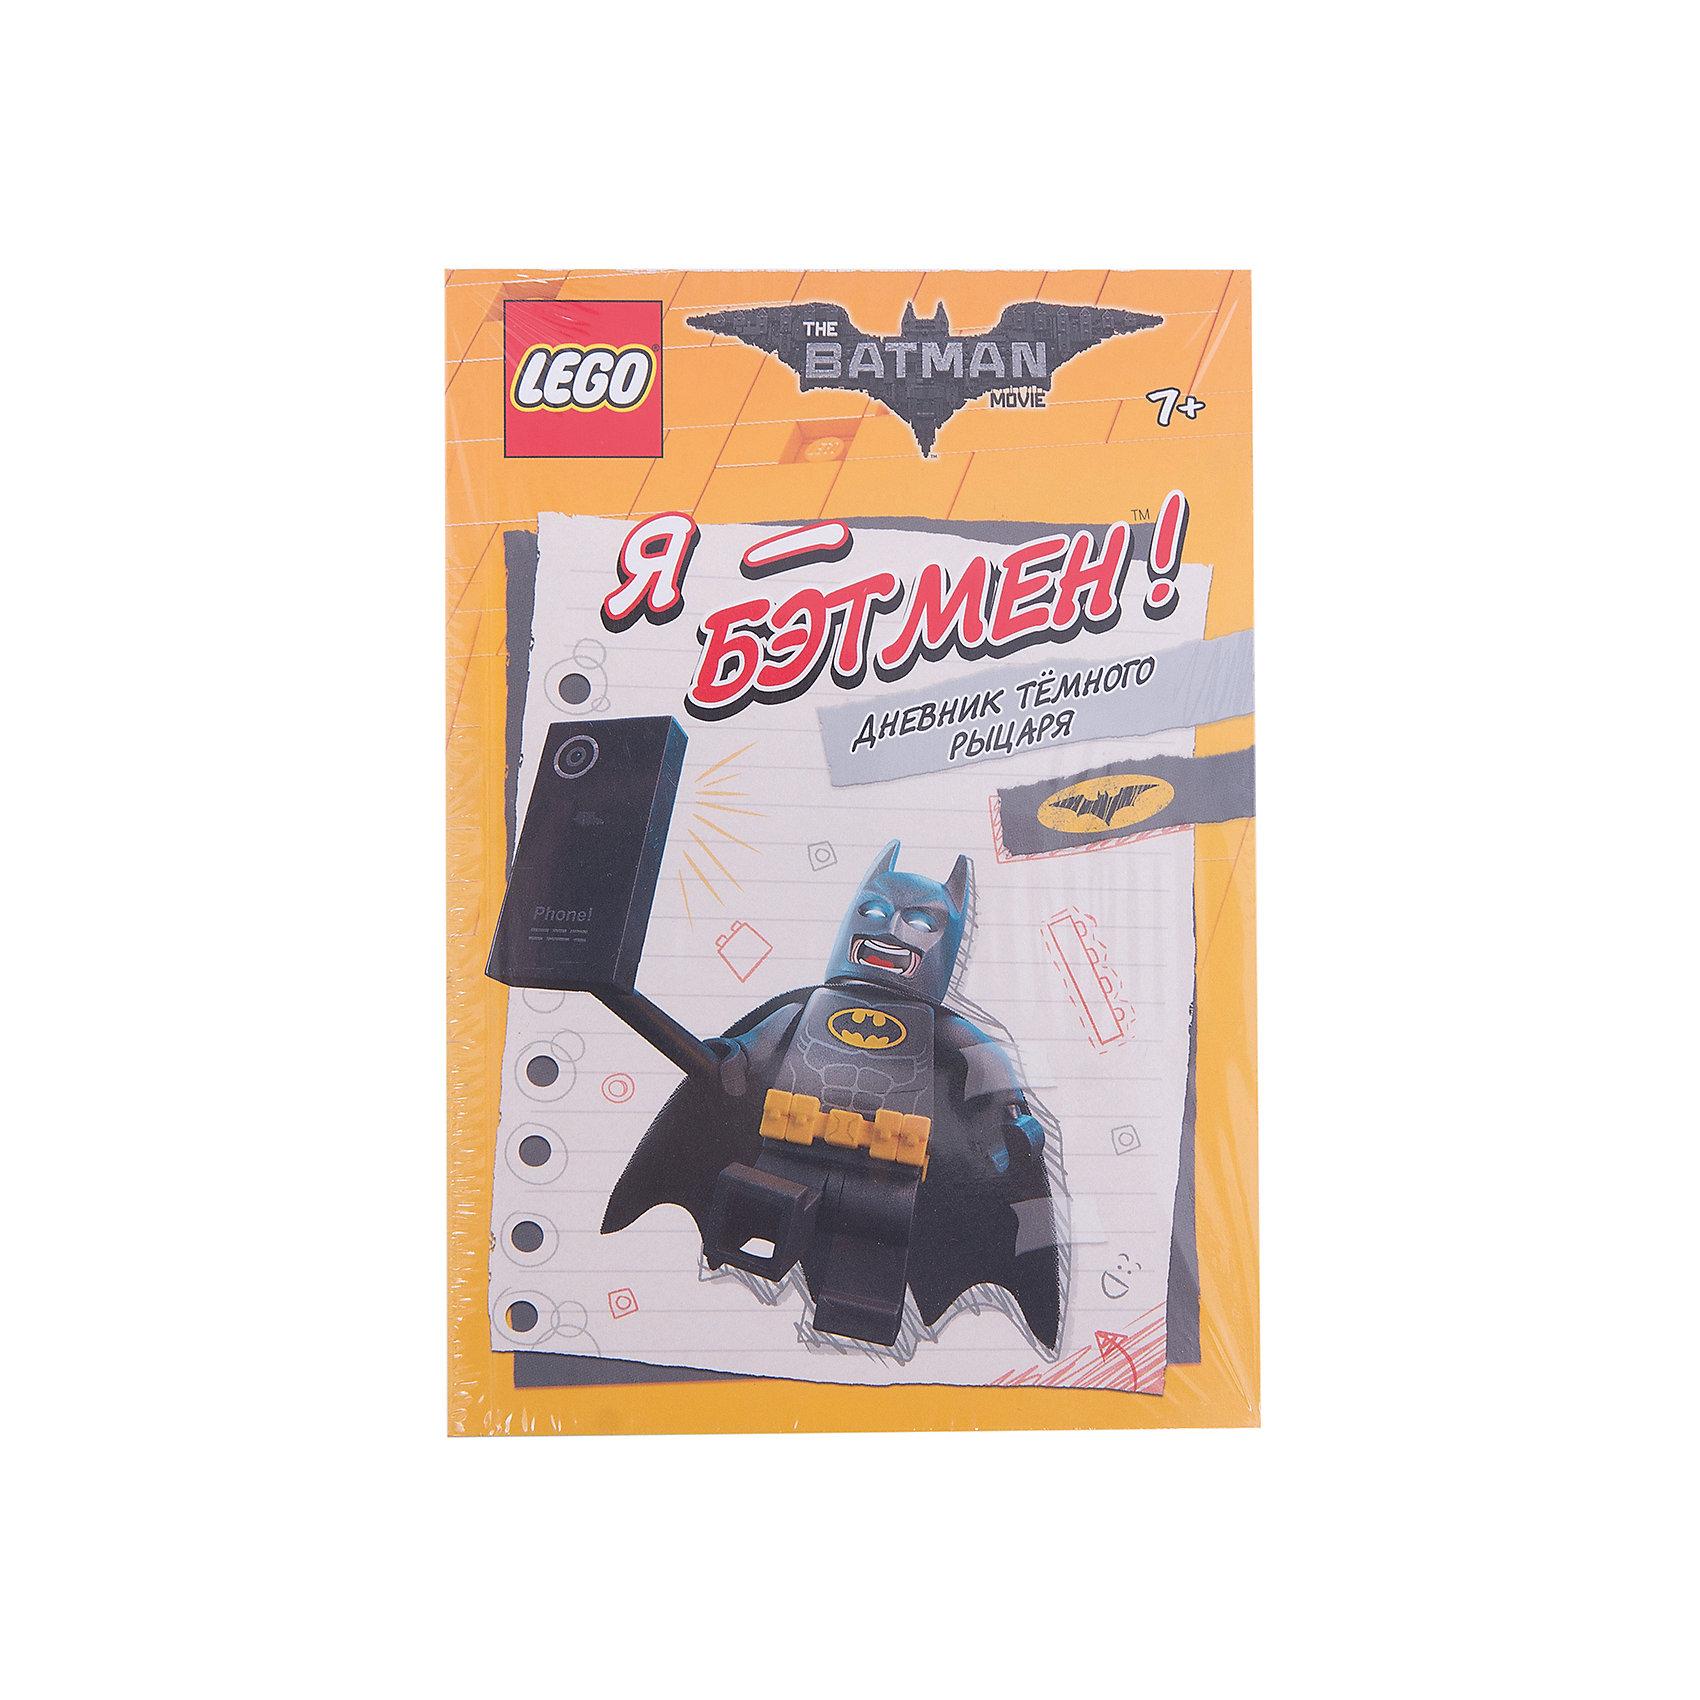 Я - Бэтмен! Дневник Тёмного рыцаря, LEGO Batman MovieКомиксы для детей<br>Характеристики товара: <br><br>• ISBN: 9785699929627<br>• возраст от: 6 лет<br>• формат: 60x84/16<br>• бумага: офсет<br>• обложка: мягкая<br>• иллюстрации: цветные, черно-белые<br>• серия: LEGO DC Comics<br>• издательство: Эксмо<br>• переводчик: Саломатина Е. И.<br>• количество страниц: 64<br>• размеры: 20x14 см<br><br>Вселенную LEGO и миры Марвел обожают многие современные дети. Эта книга поможет снова встретиться с любимыми героями, читая про их приключения.<br><br>Отличное качество печати, красочные иллюстрации, увлекательный сюжет - всё это поможет проникнуться атмосферой любимой вселенной.<br><br>Книгу «Я - Бэтмен! Дневник Тёмного рыцаря, LEGO Batman Movi» можно купить в нашем интернет-магазине.<br><br>Ширина мм: 200<br>Глубина мм: 138<br>Высота мм: 70<br>Вес г: 150<br>Возраст от месяцев: 72<br>Возраст до месяцев: 2147483647<br>Пол: Унисекс<br>Возраст: Детский<br>SKU: 5535445